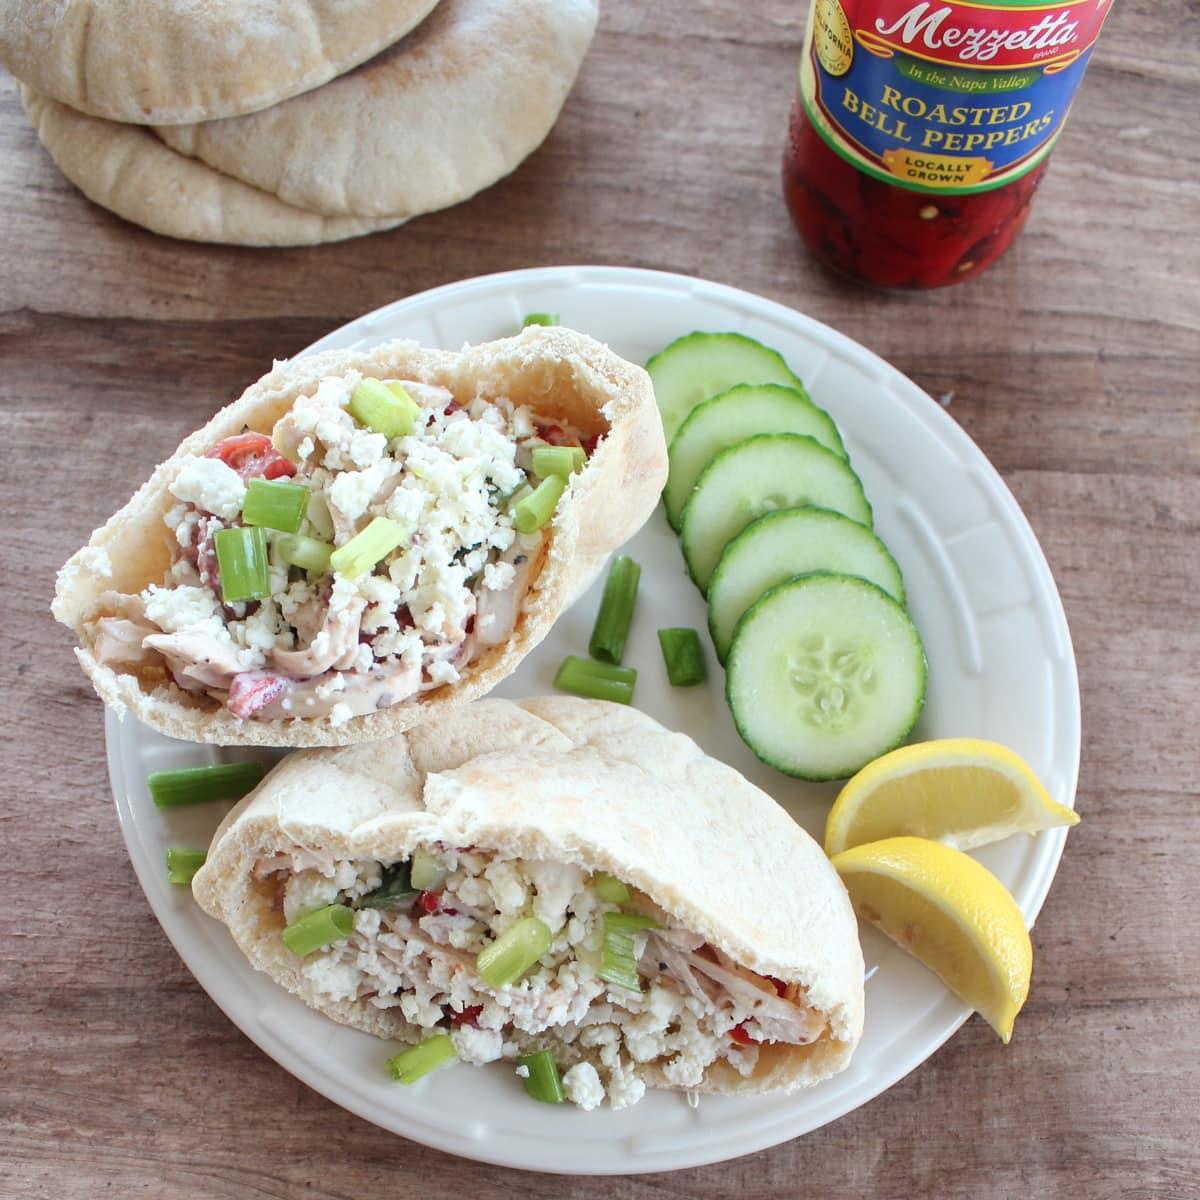 Published on July 18, 2013 in Greek Chicken Salad Sandwich Full ...